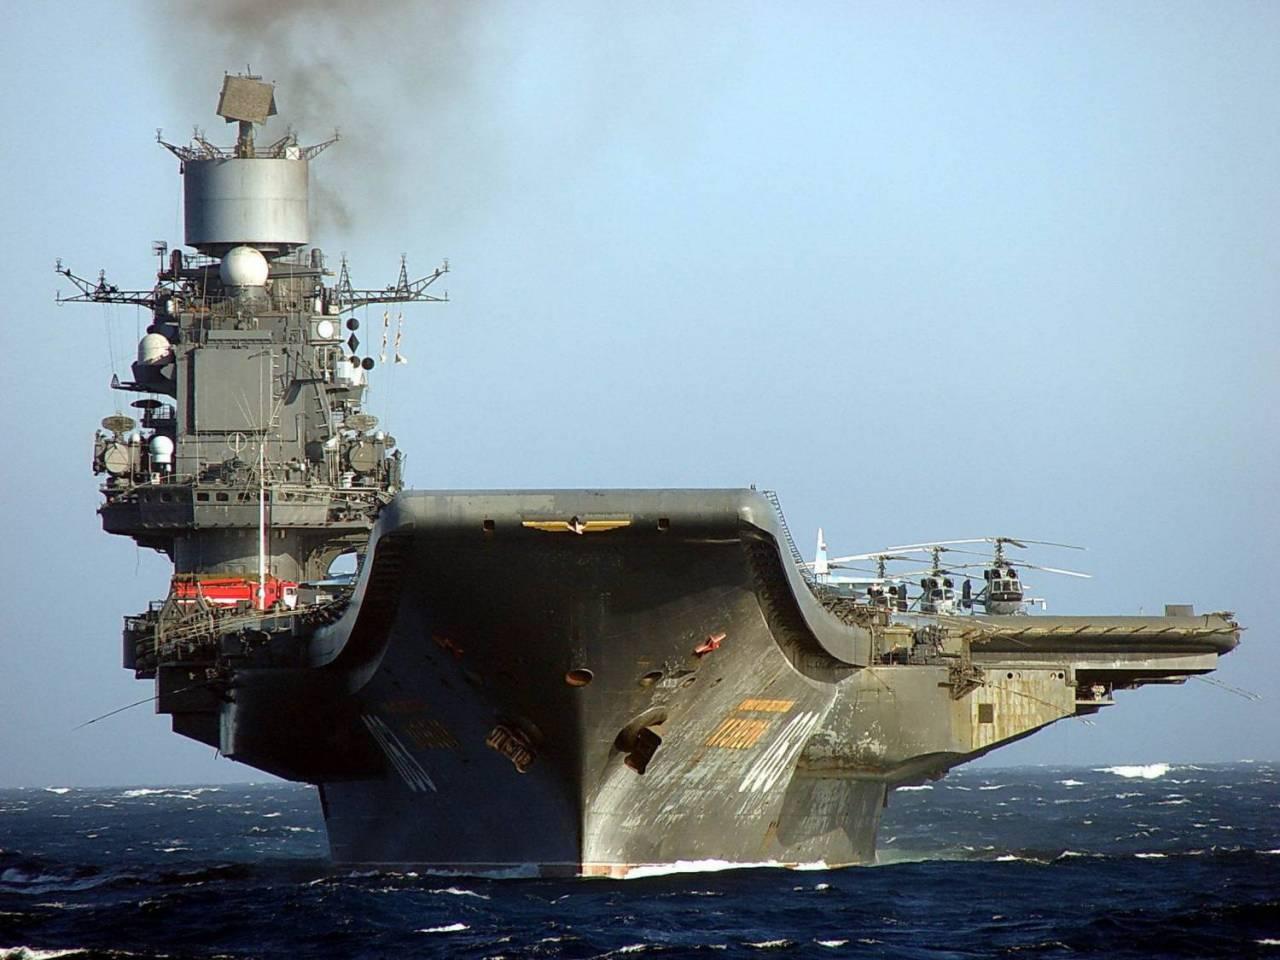 Авианосец «Адмирал Кузнецов» после ремонта прослужит еще 20 лет